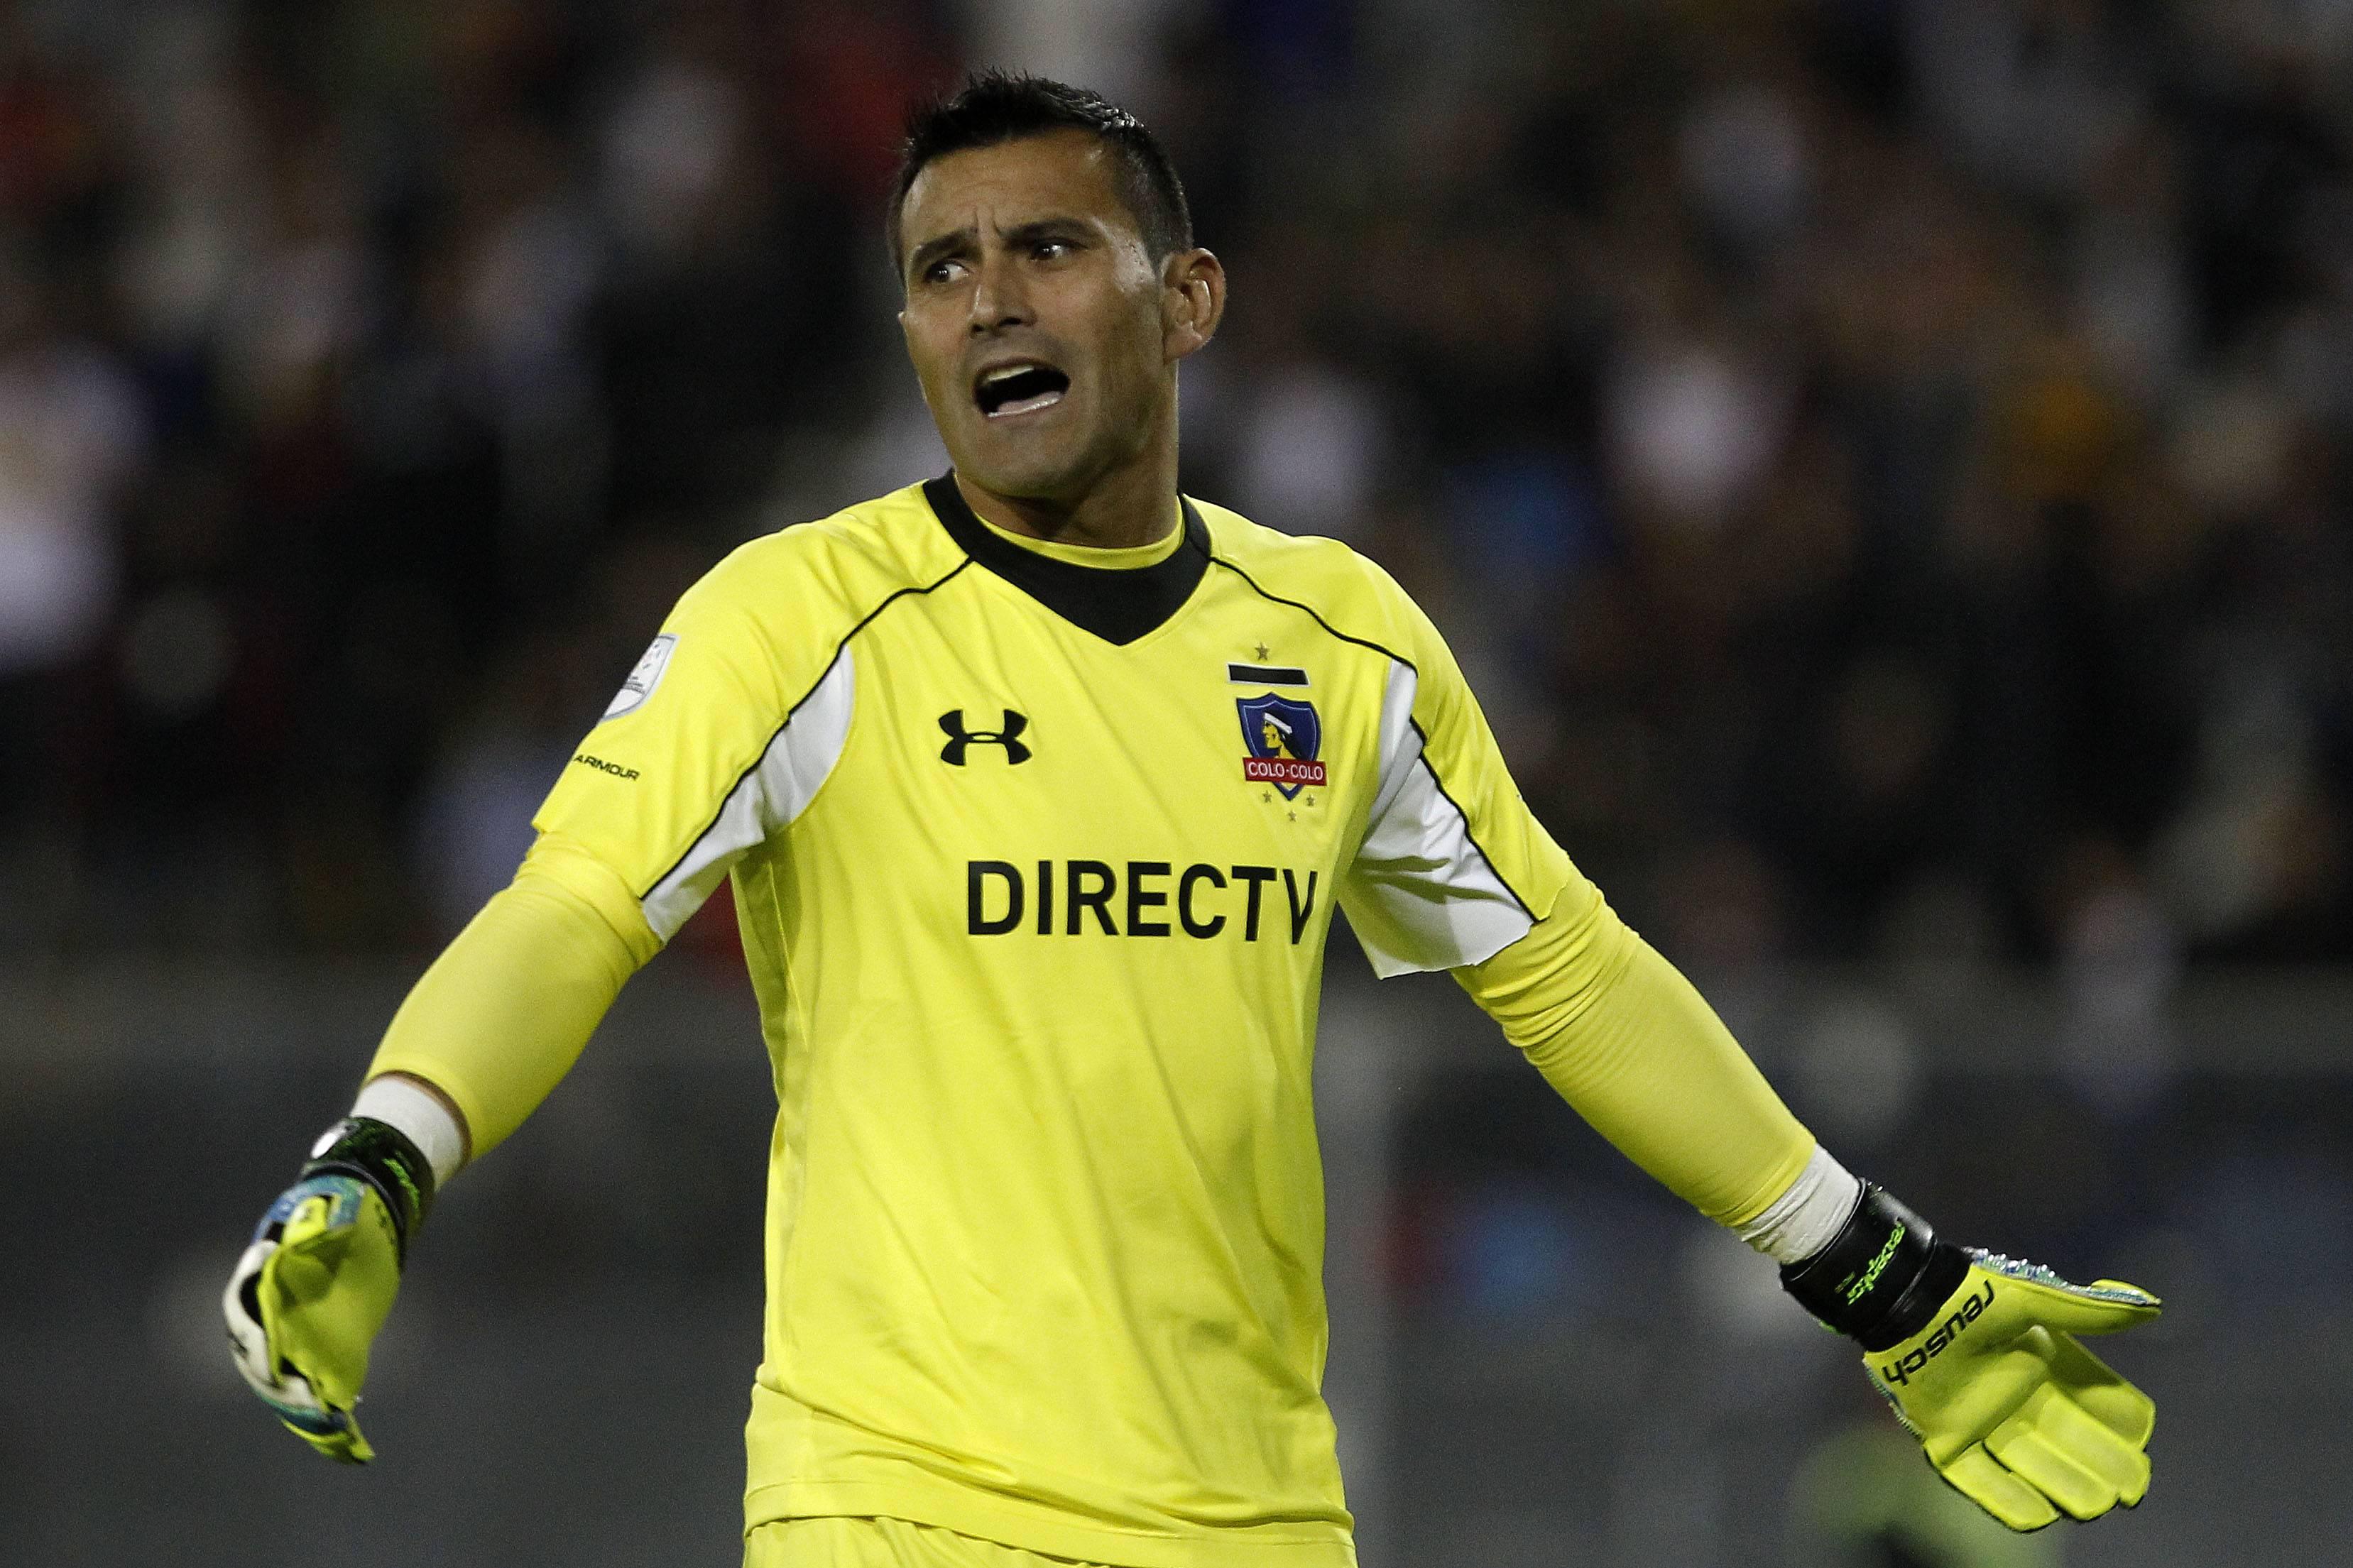 Justo Villar defendiendo la camiseta de Colo Colo / Photosport